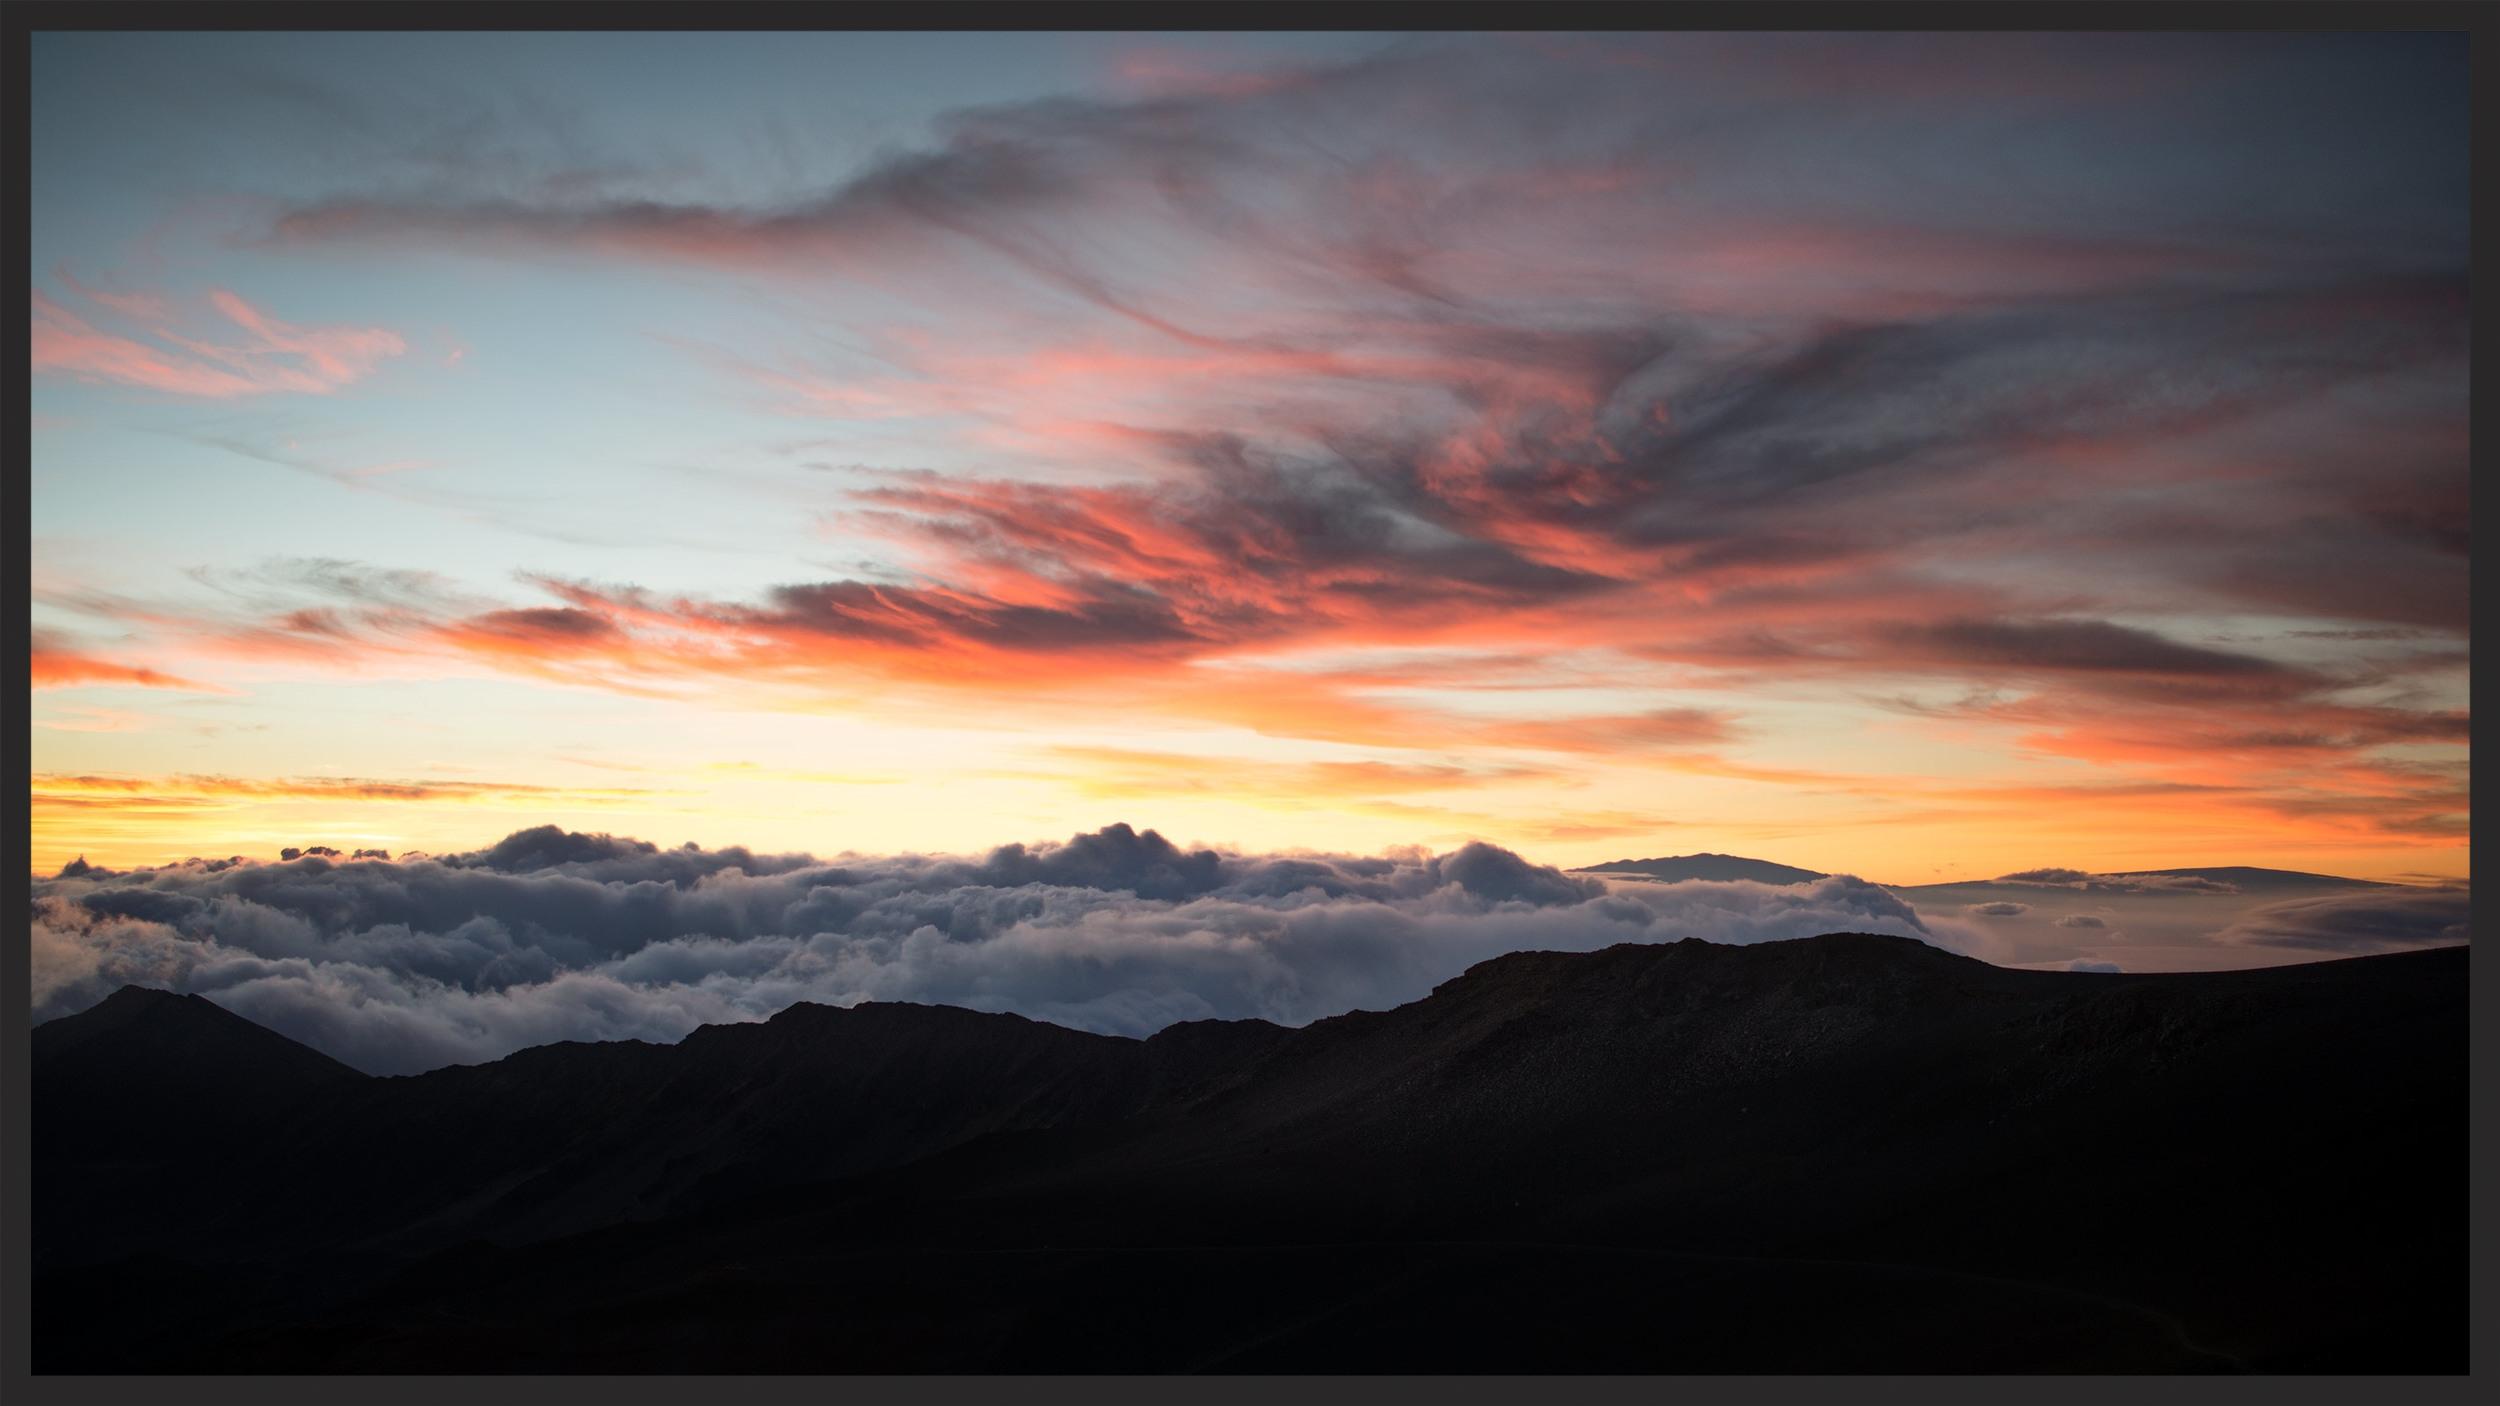 Sunrise over Haleakalā, Maui County, Hawaii